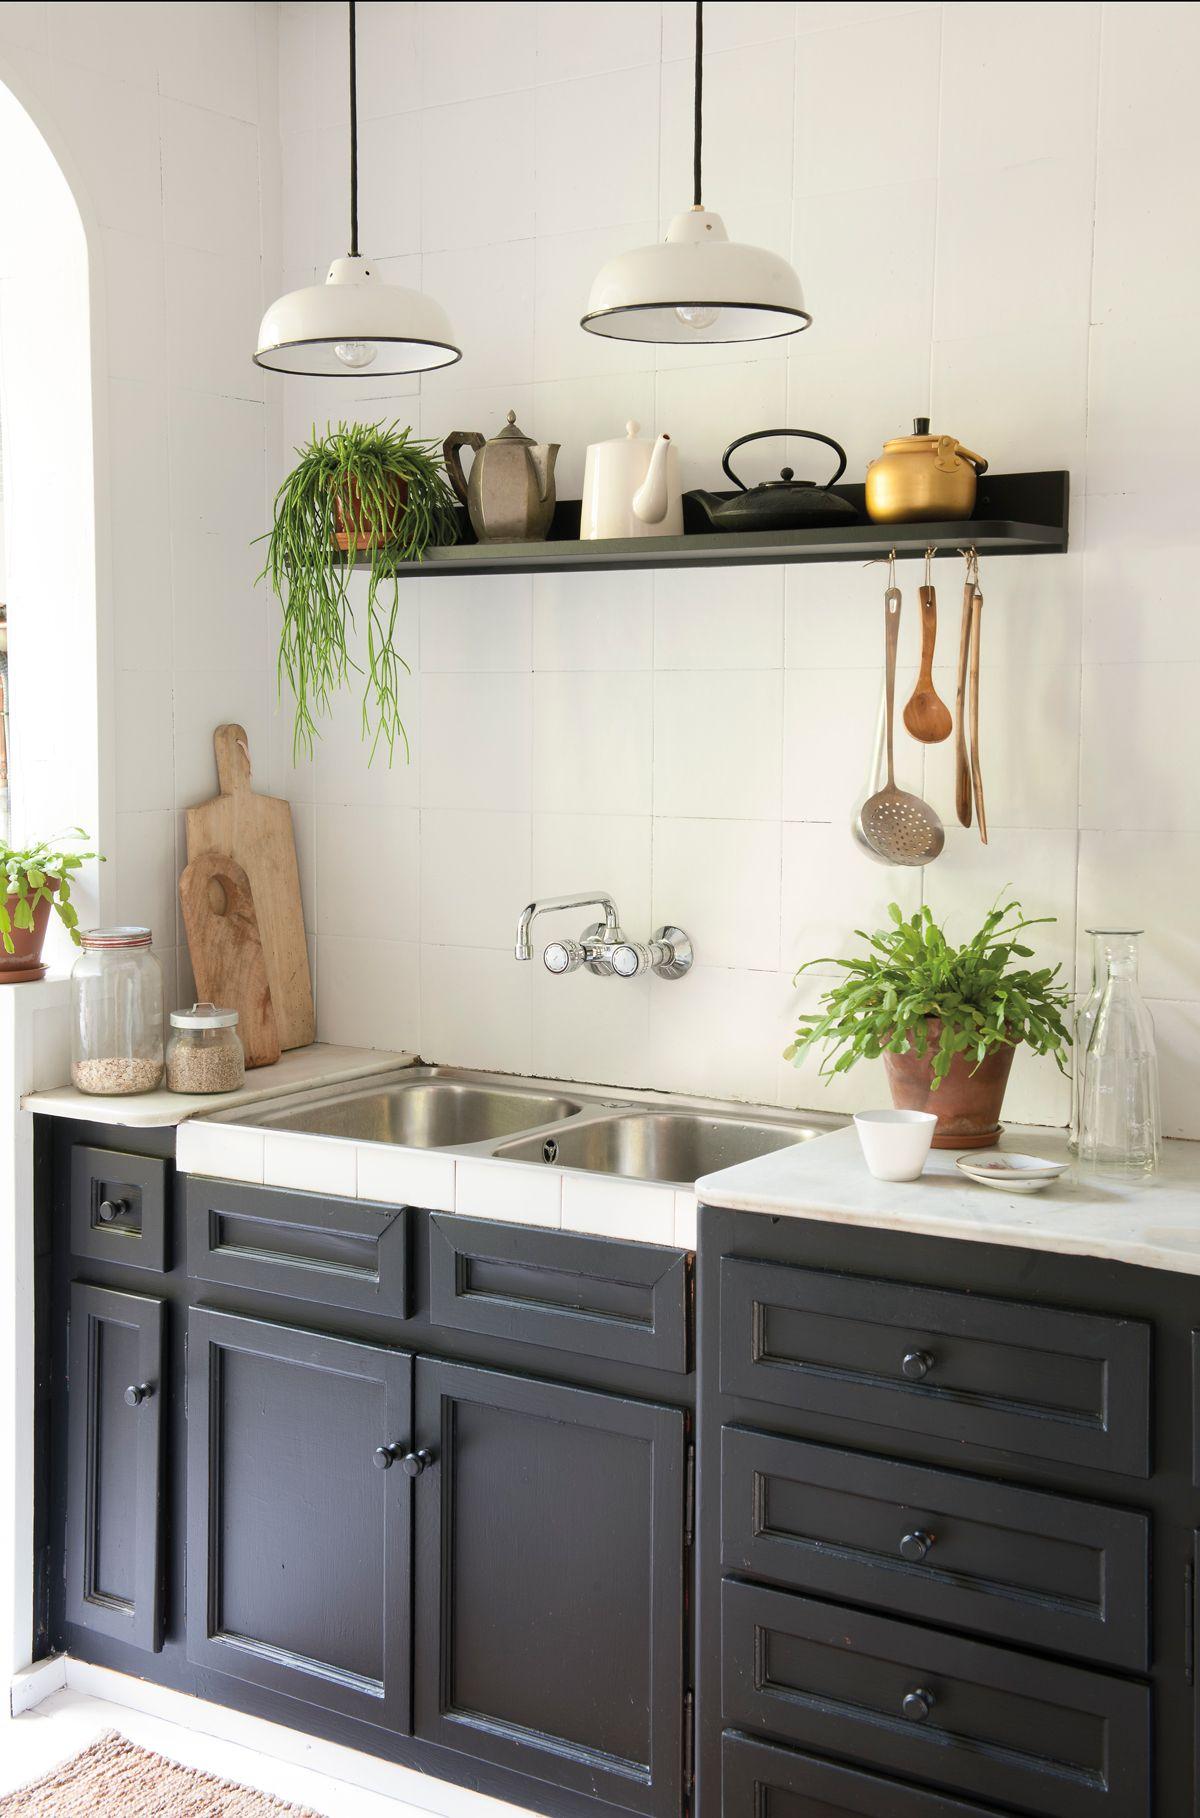 Radiador toallero en la pared | Baldosas pintadas, Baldosa y Cambio